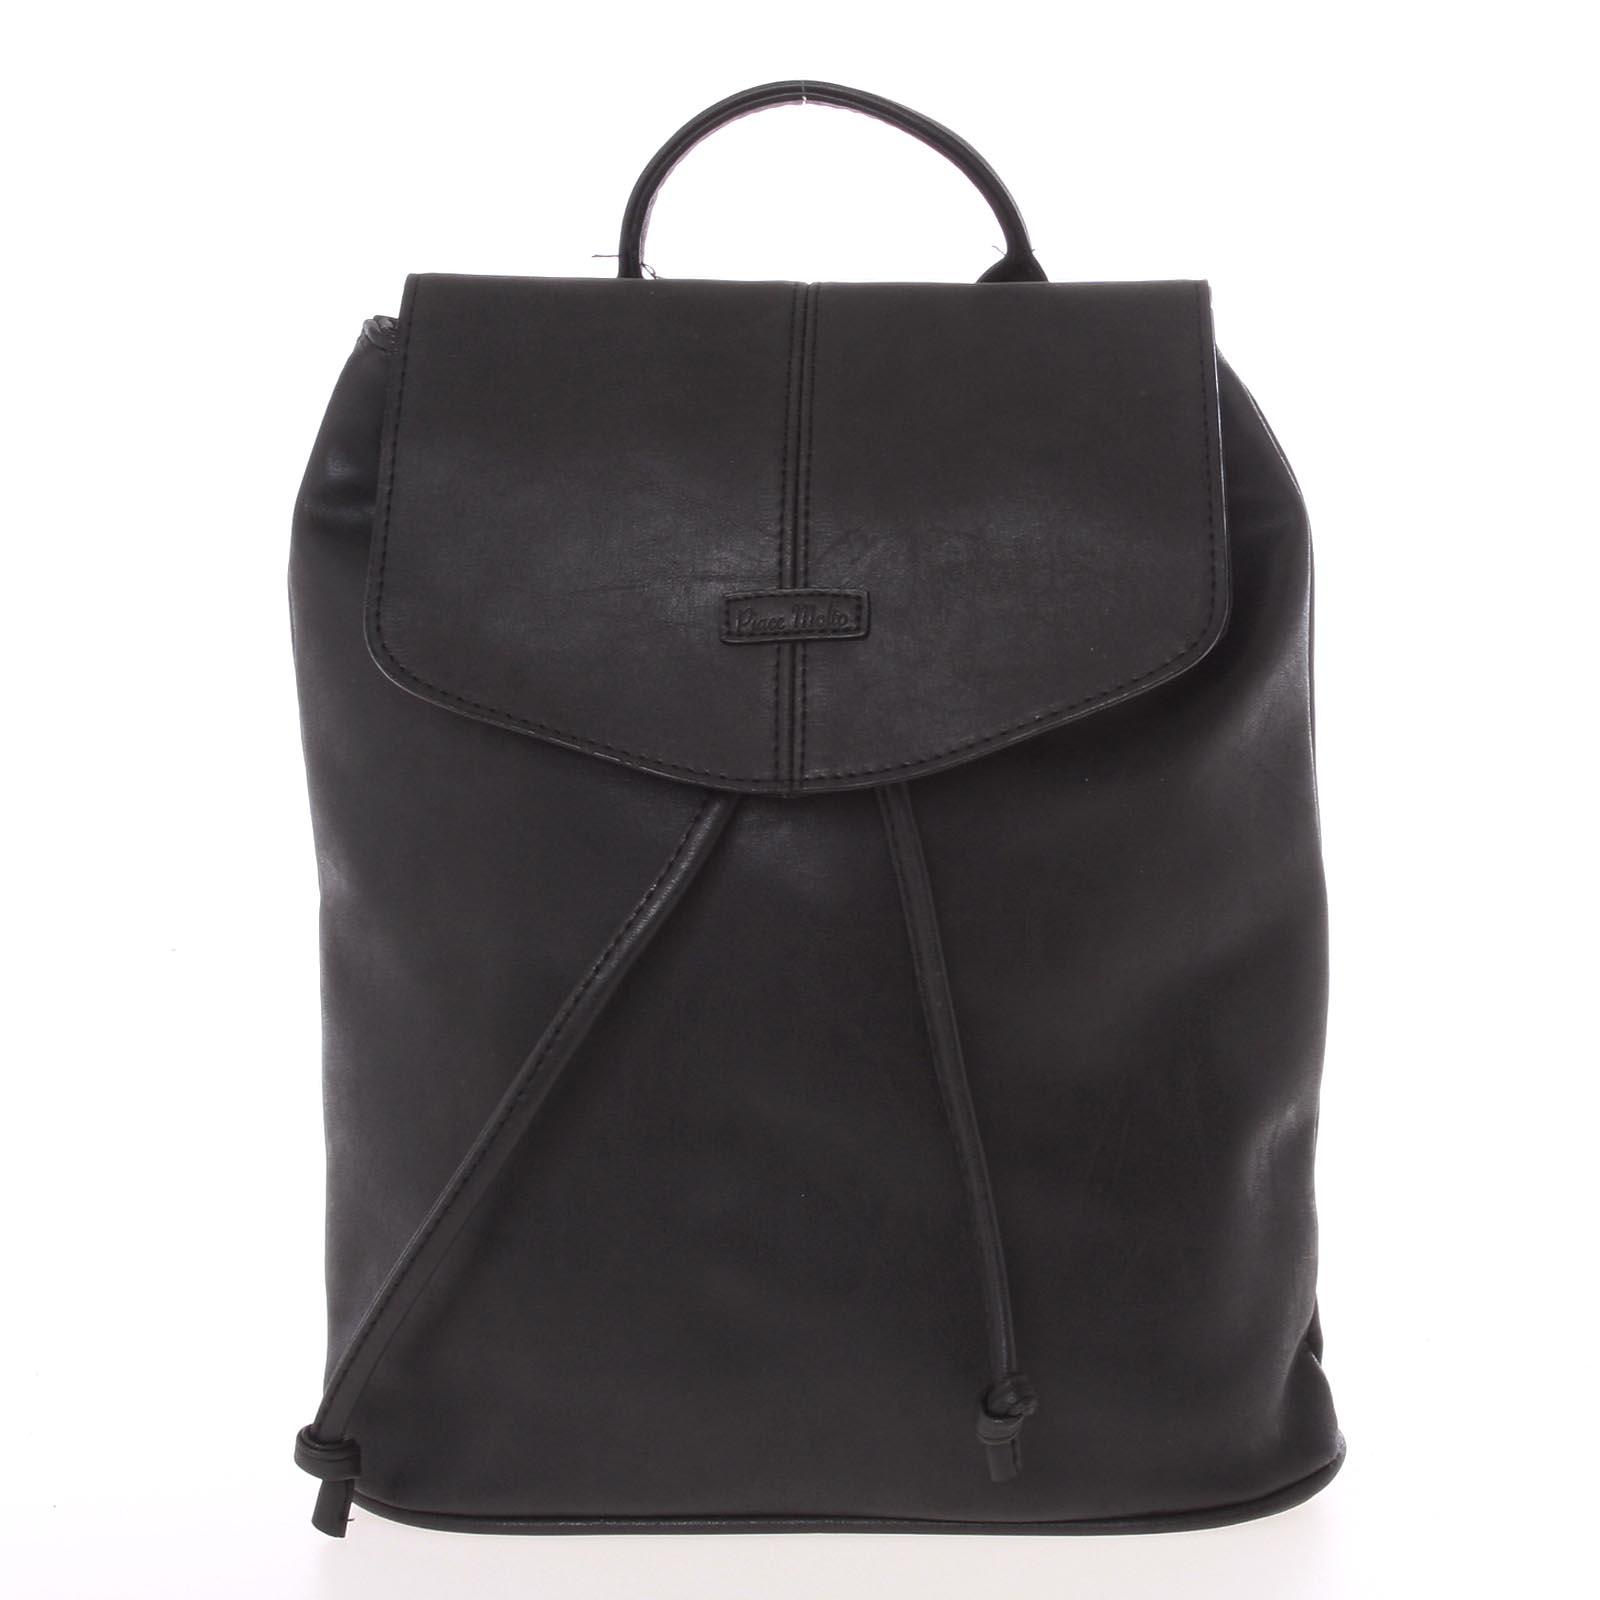 Kvalitný elegantný dámsky čierny batôžtek - Piace Molto Floriant